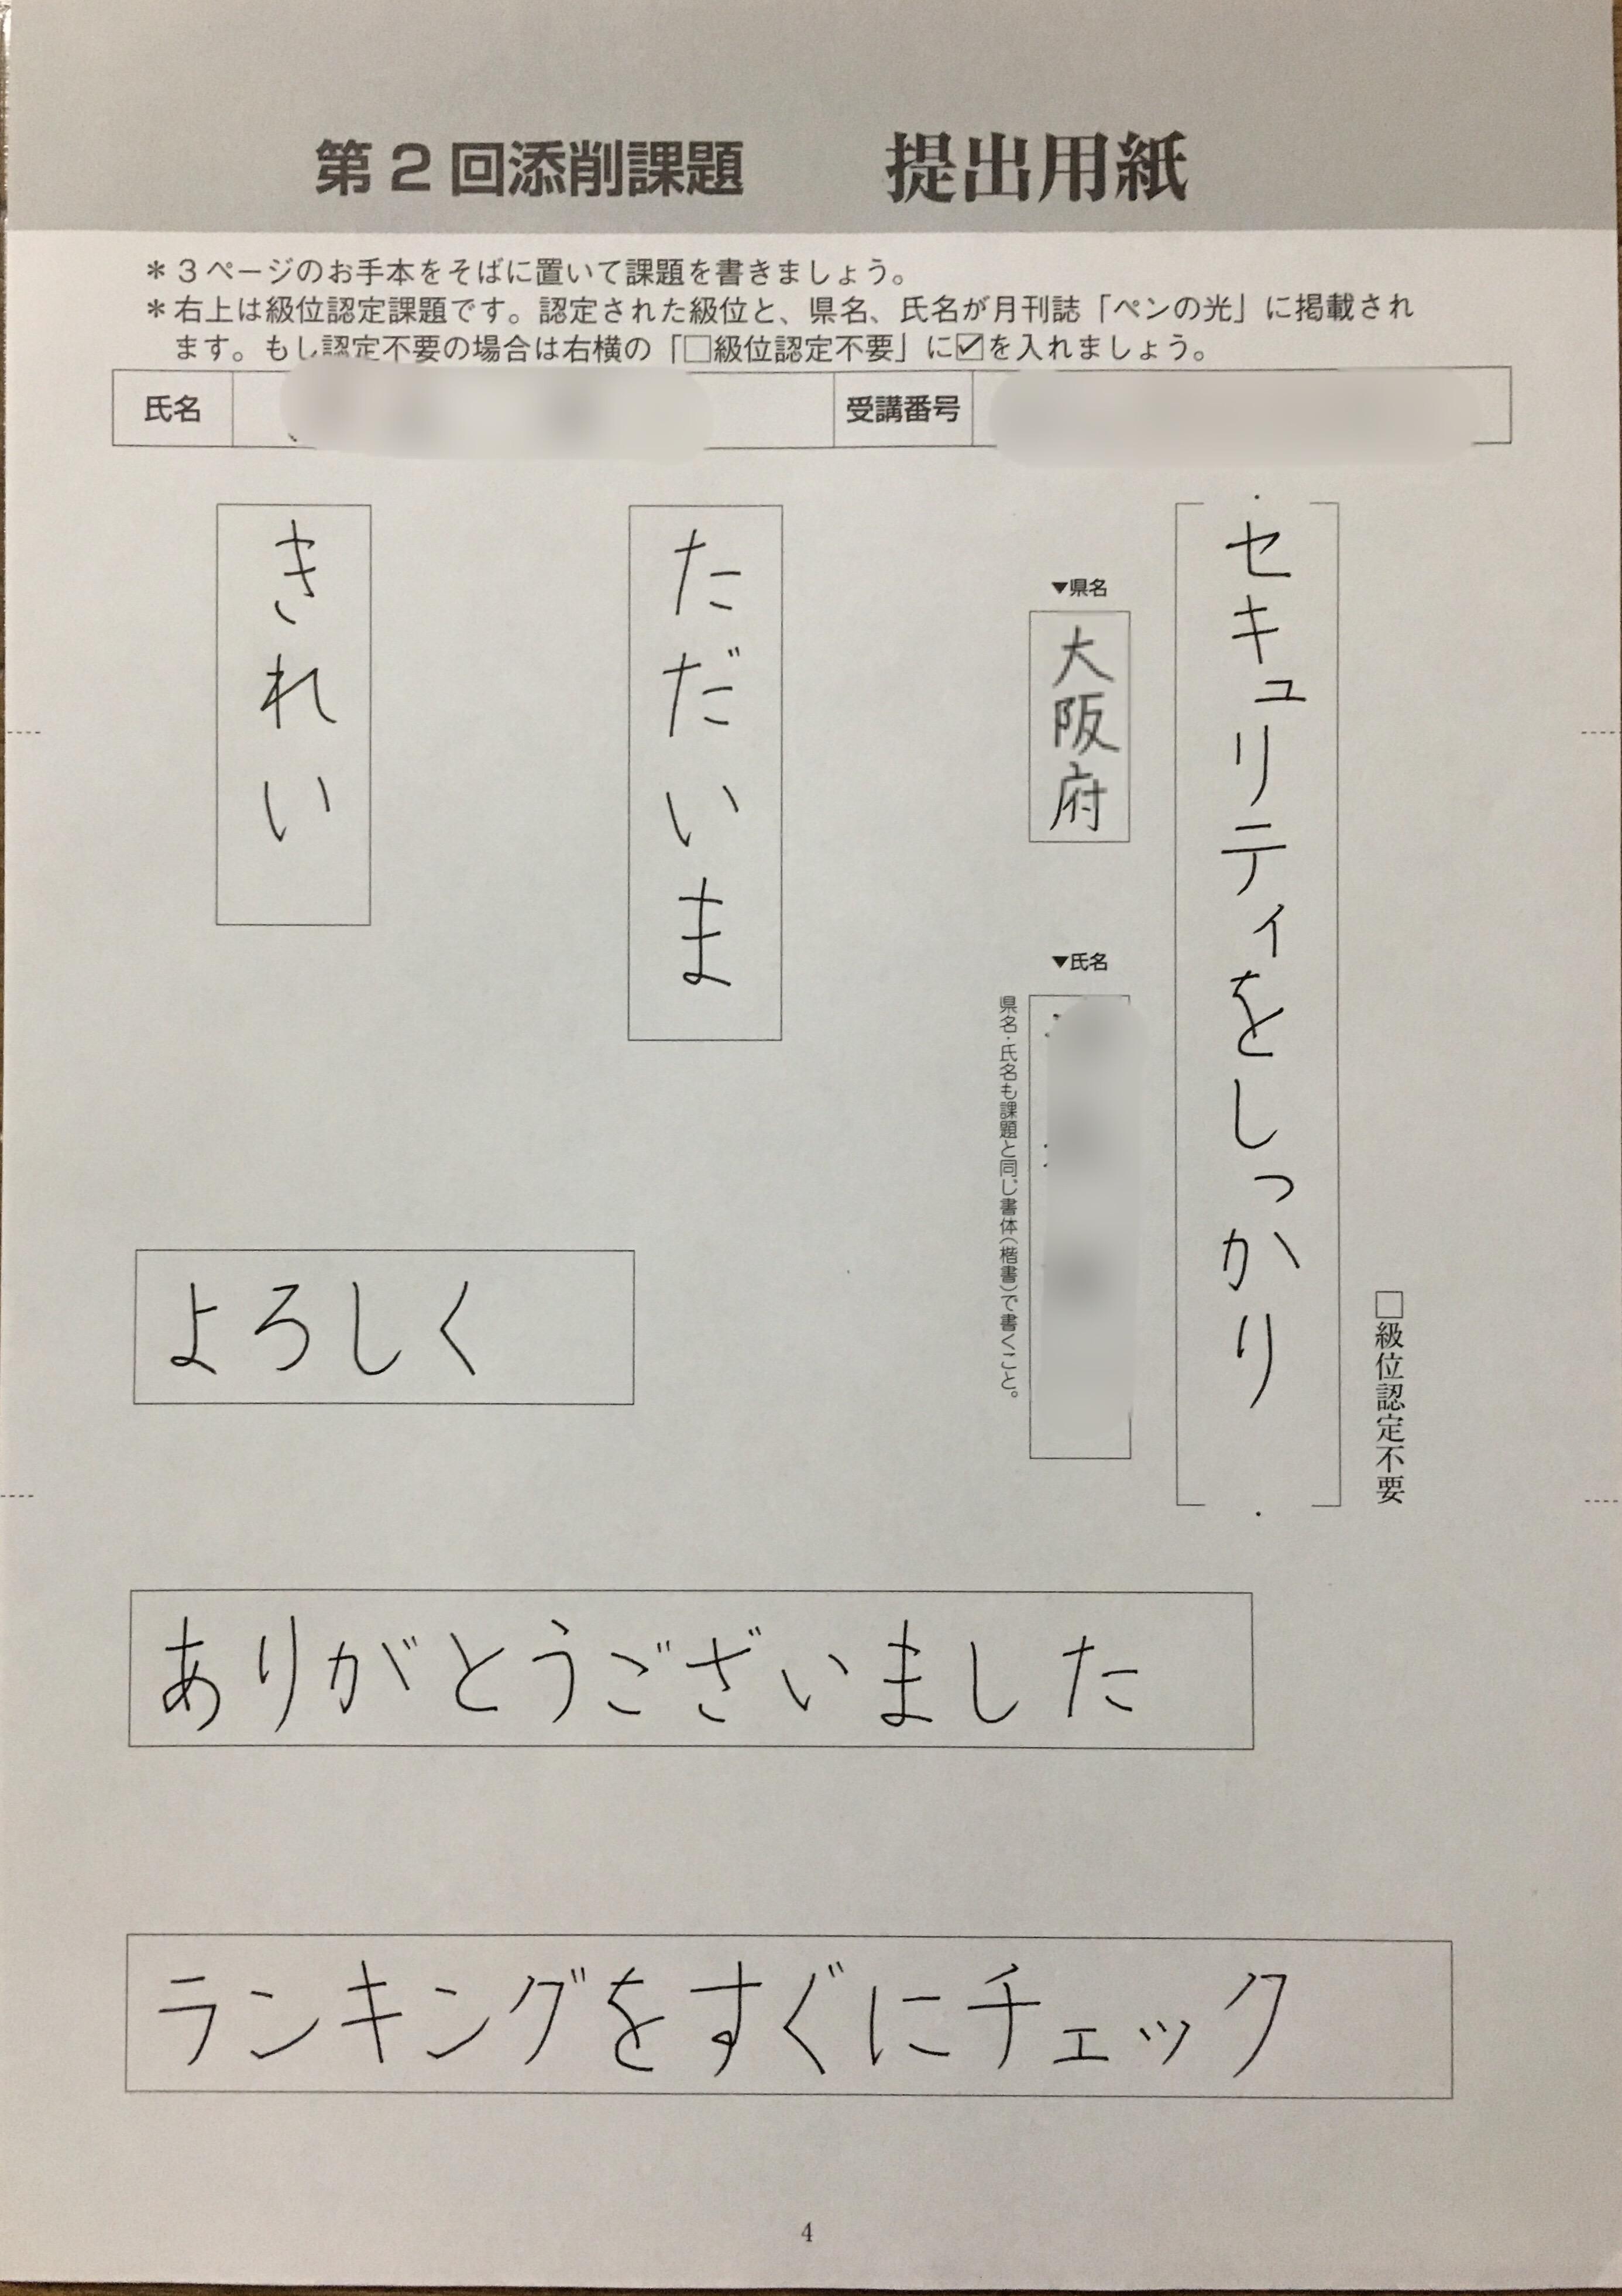 ボールペン字講座課題2